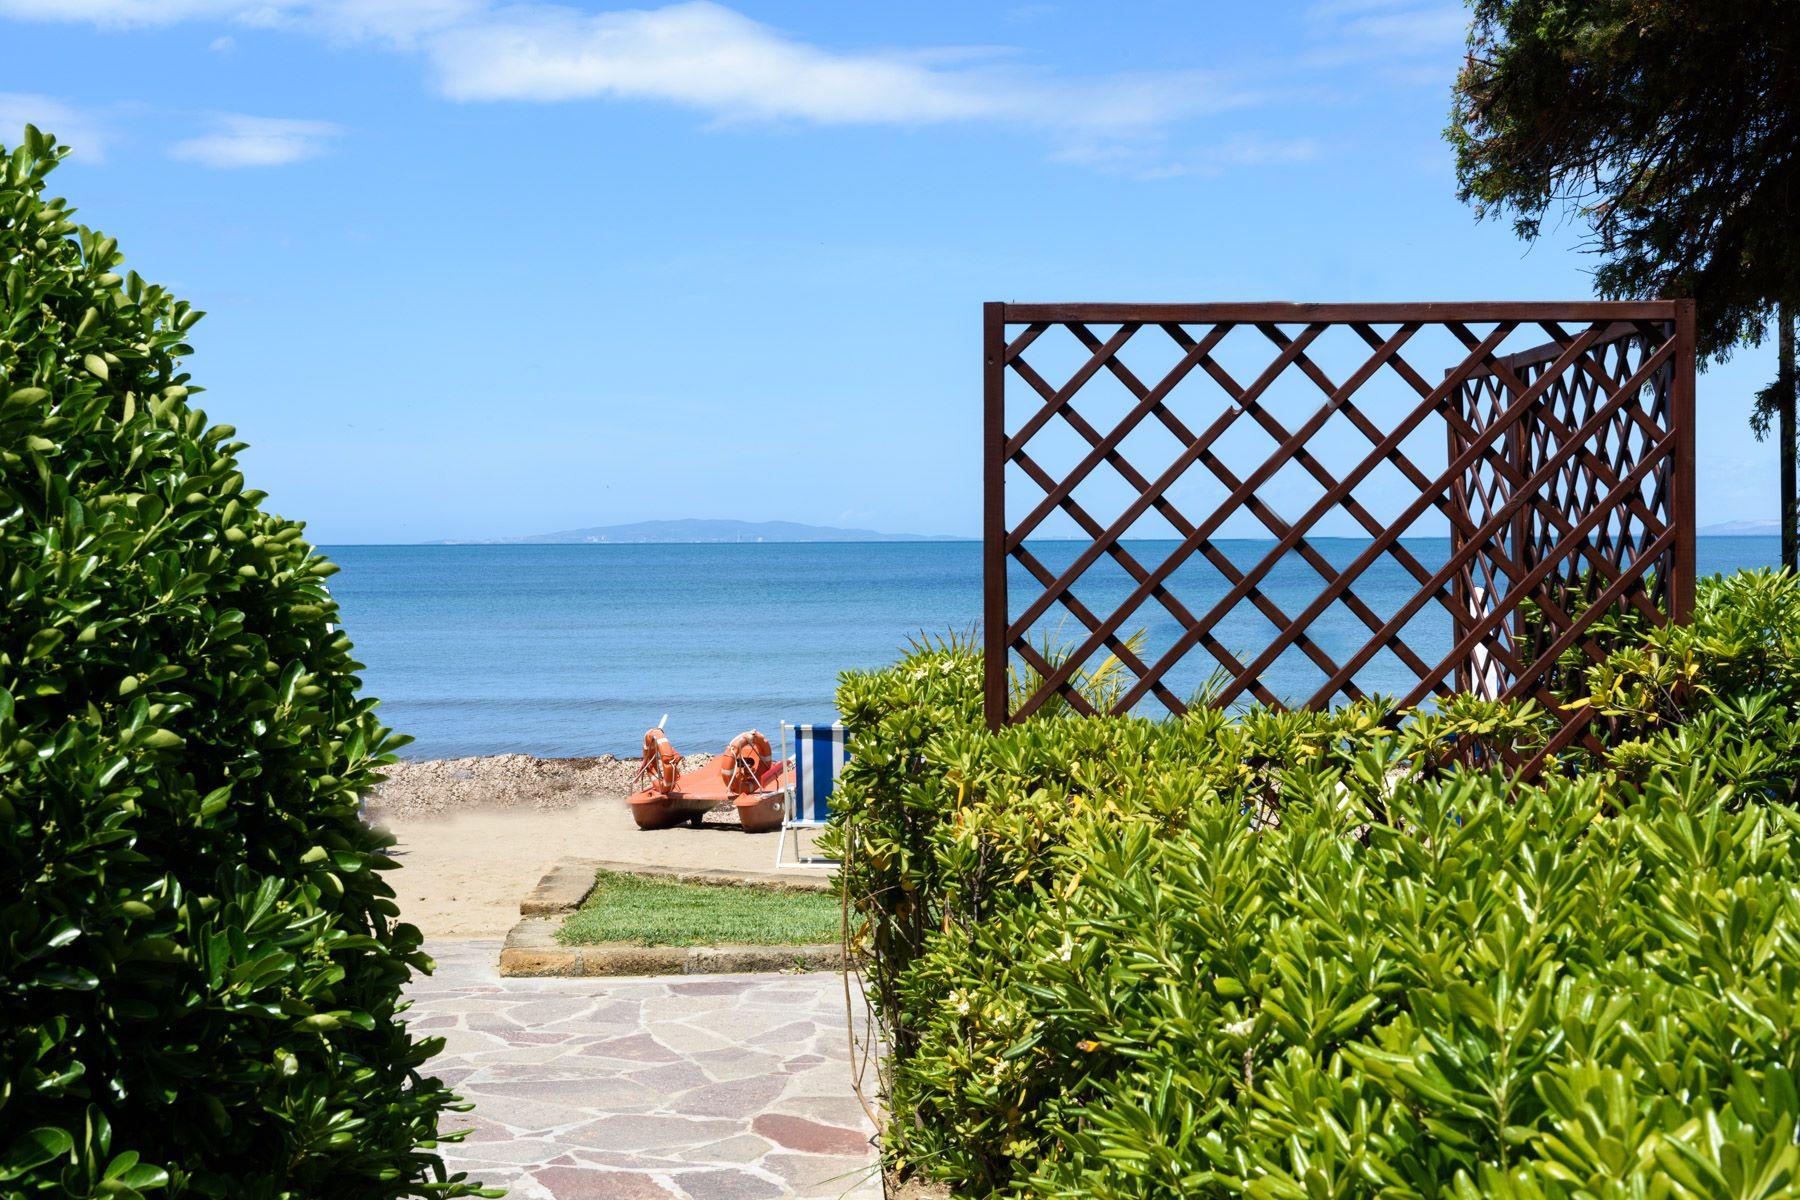 Apartments for Sale at Sun, sea and relaxation in Tuscany - Punta Ala Castiglione Della Pescaia, Grosseto Italy